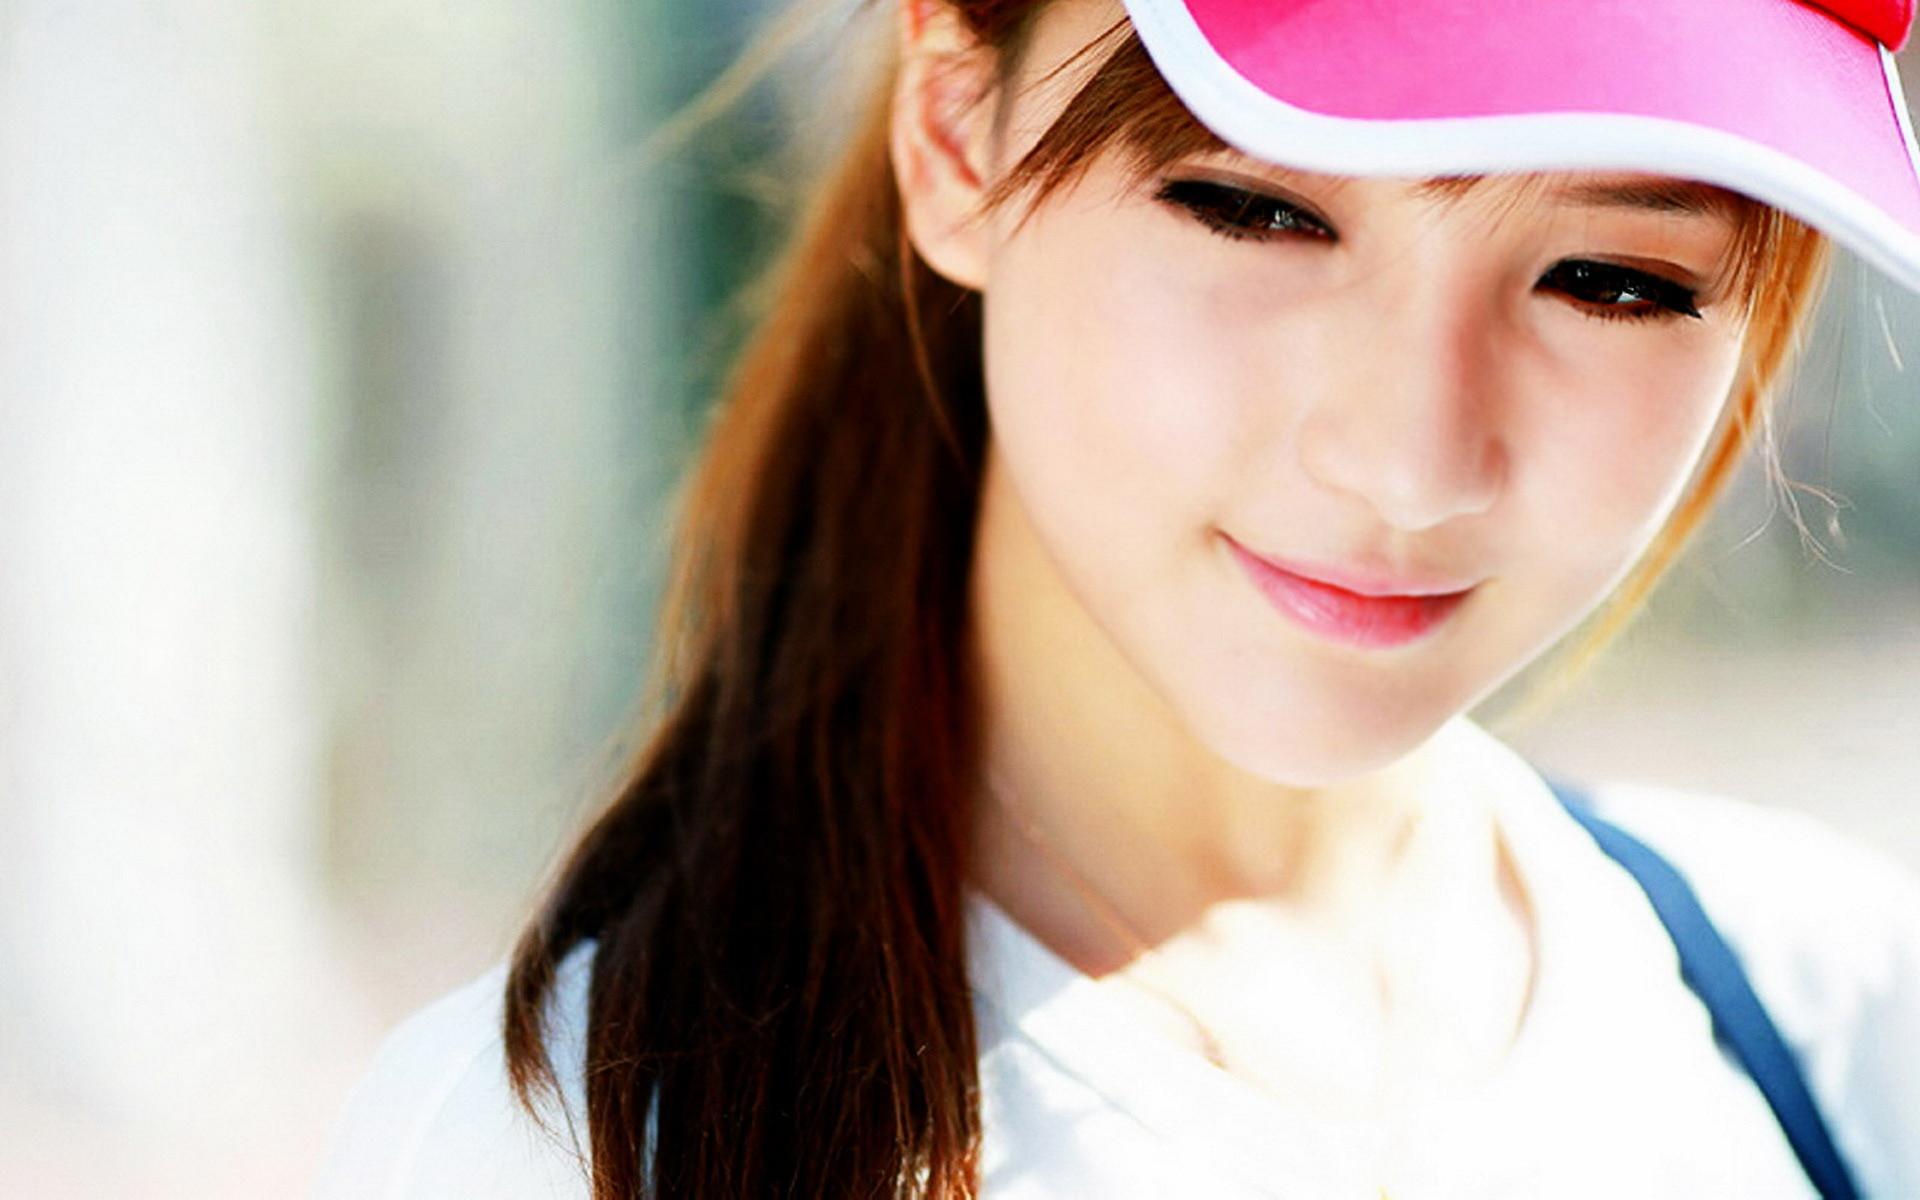 Description: Cute Asian Girl Wallpaper HD is a hi res Wallpaper for pc .